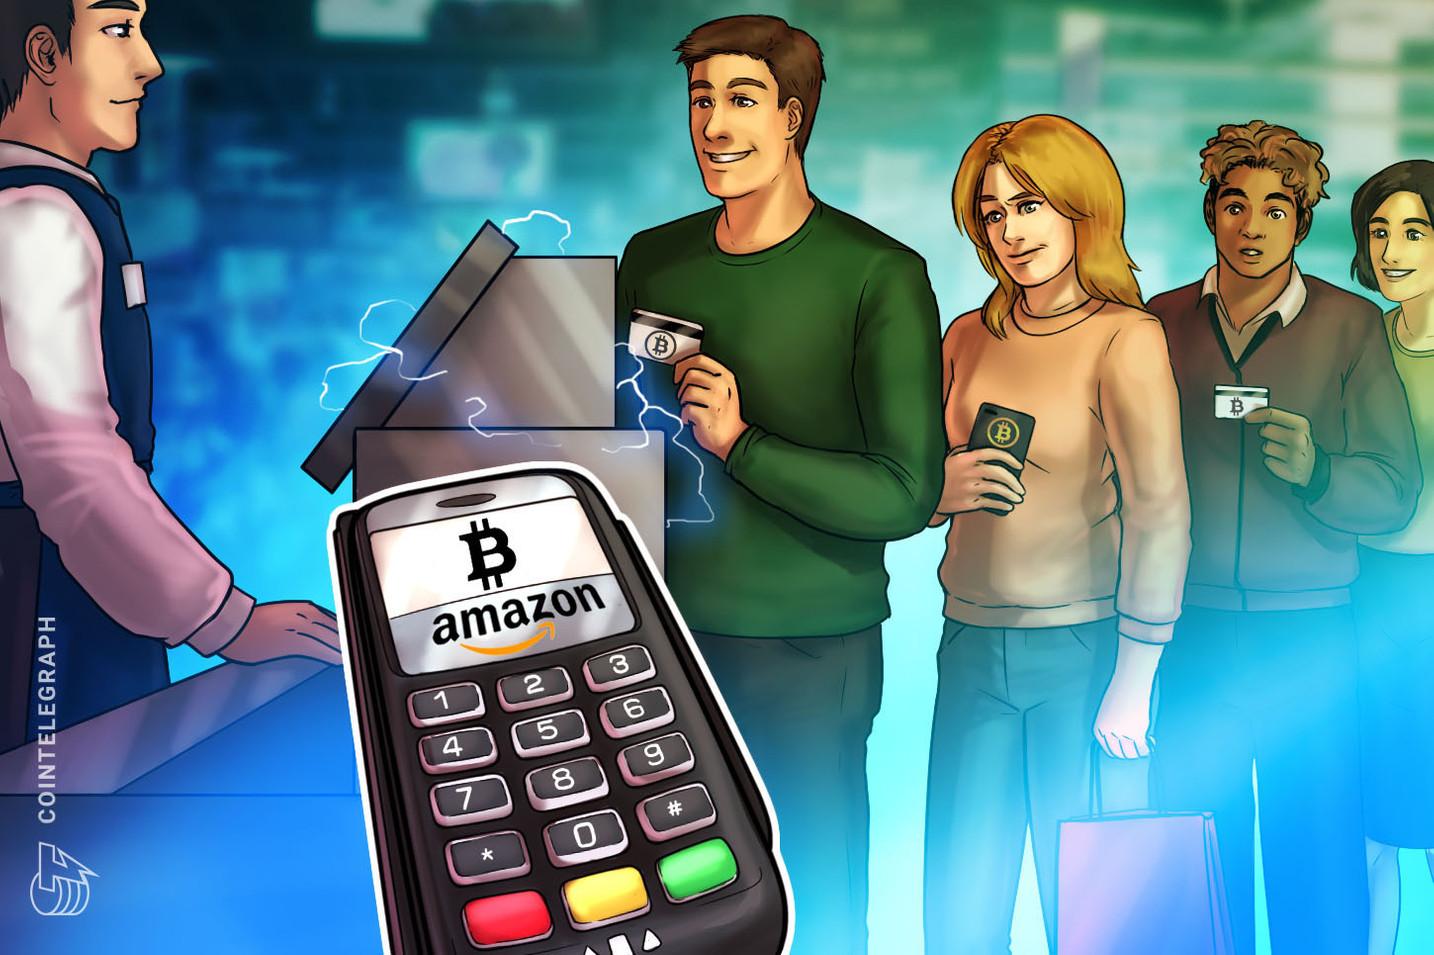 Amazon planeja aceitar pagamentos de Bitcoin este ano, afirma fonte